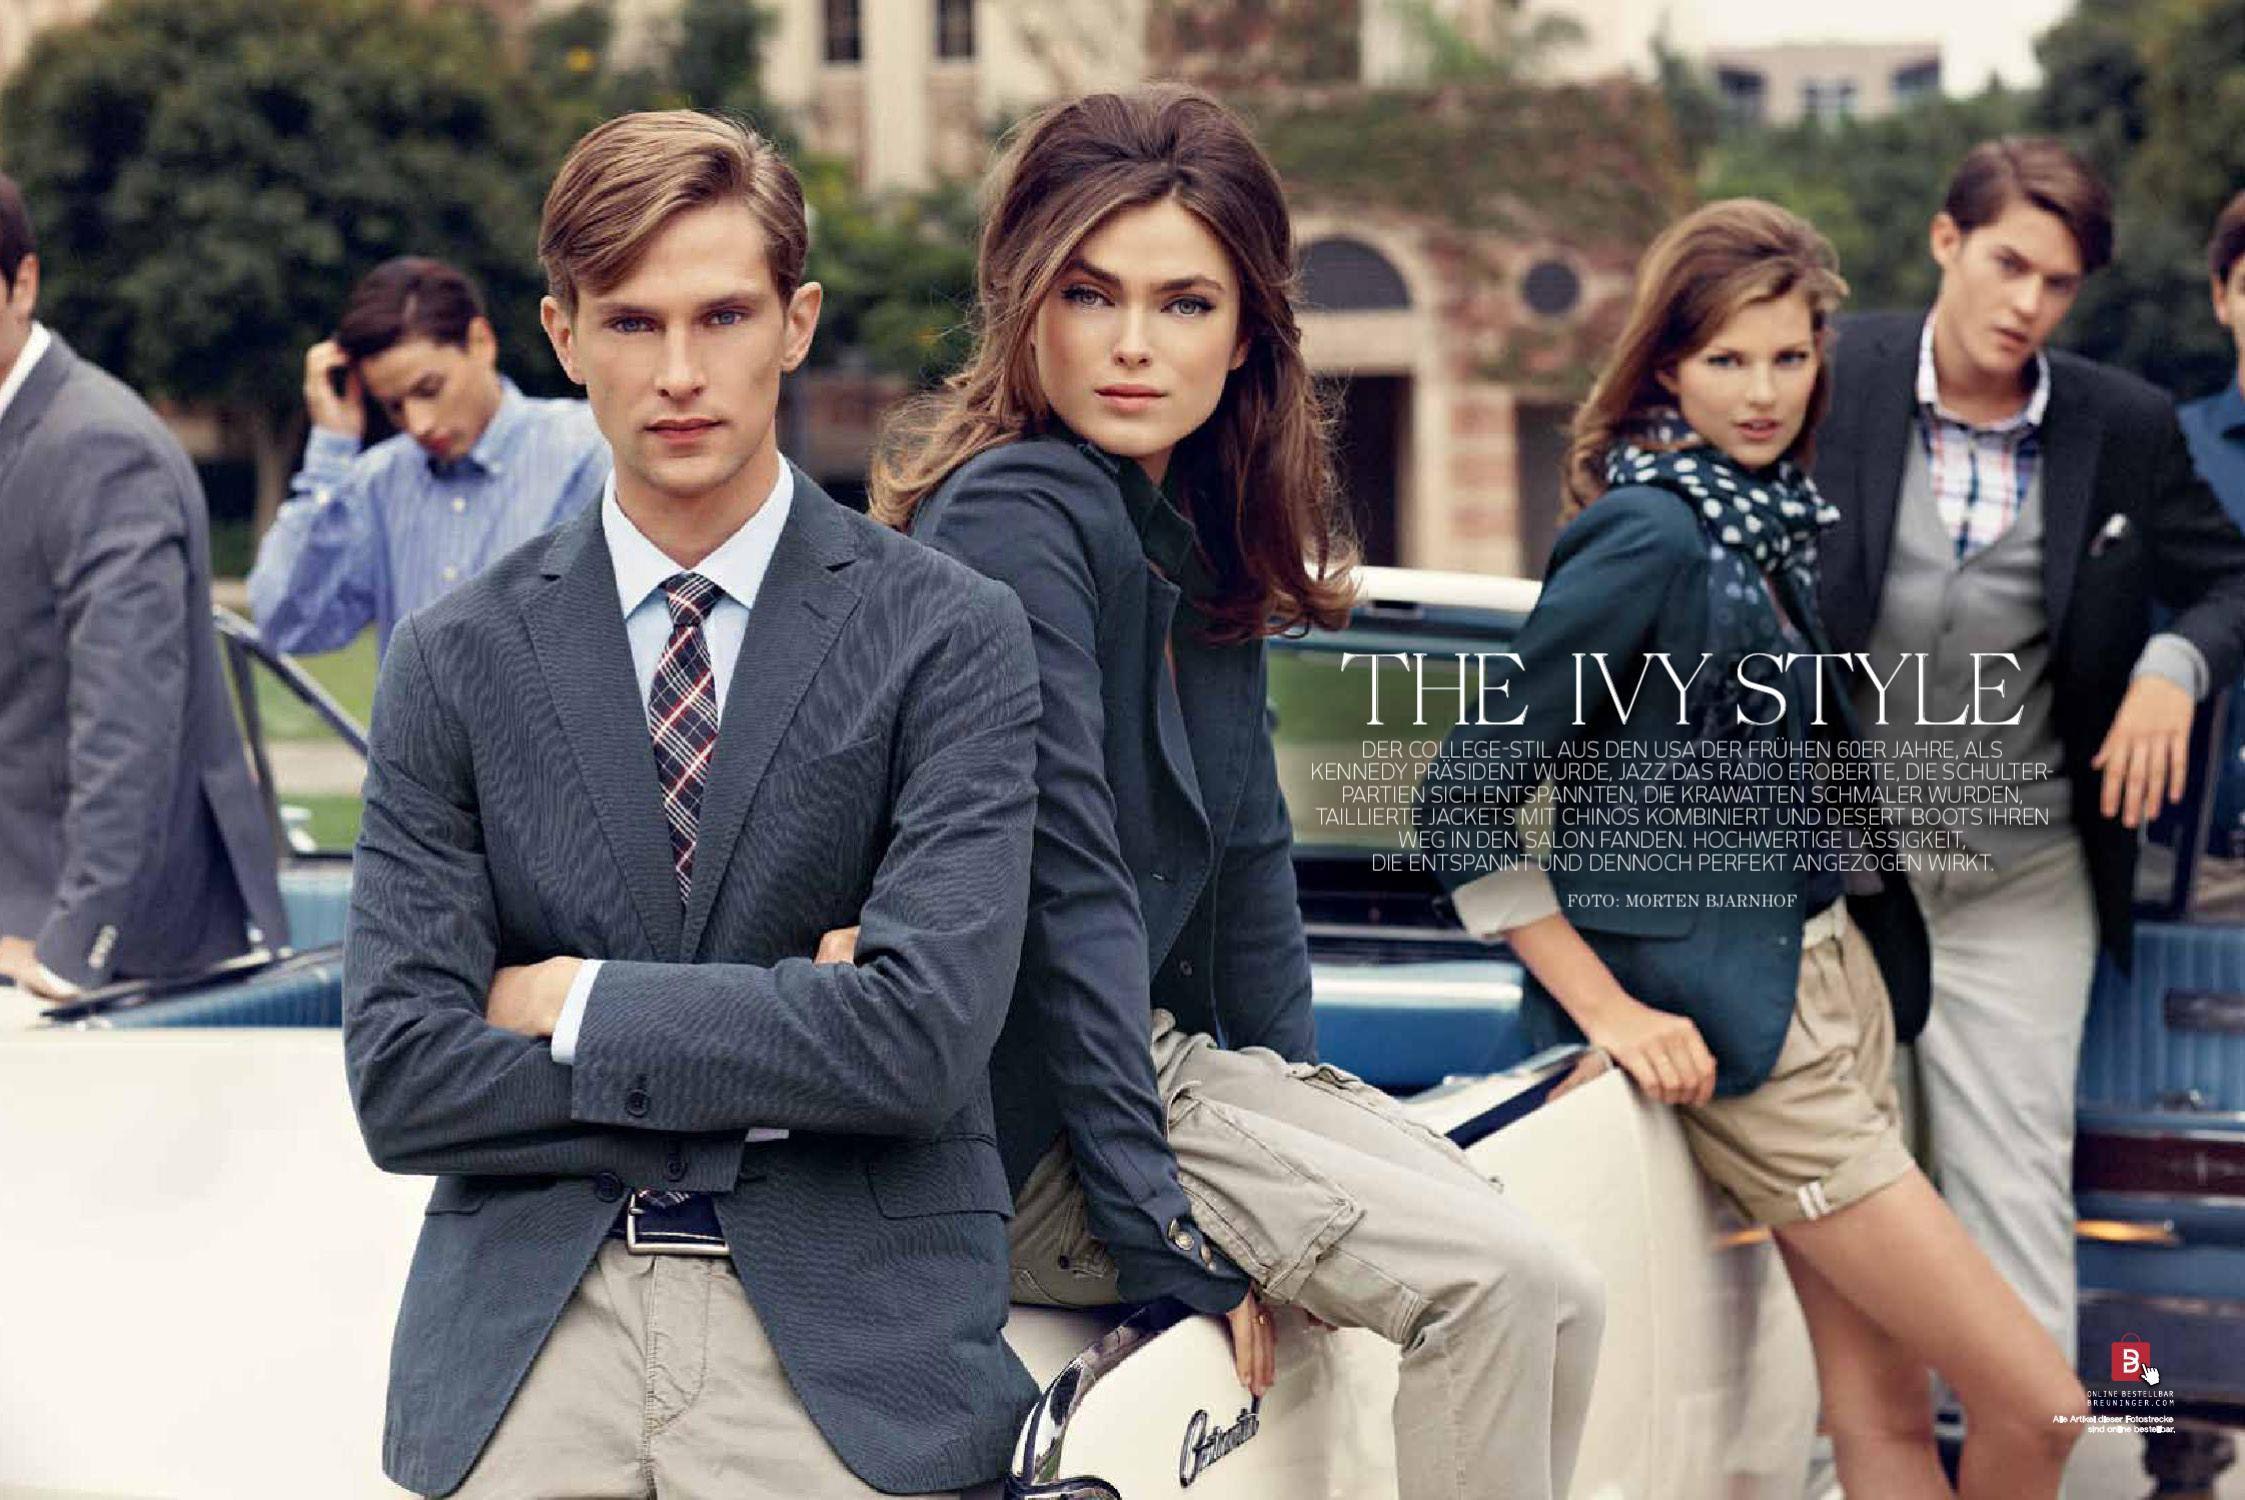 0af8cd07c2167 The Ivy Style Breuninger Magazine - Spring 2011 Preppy Prep